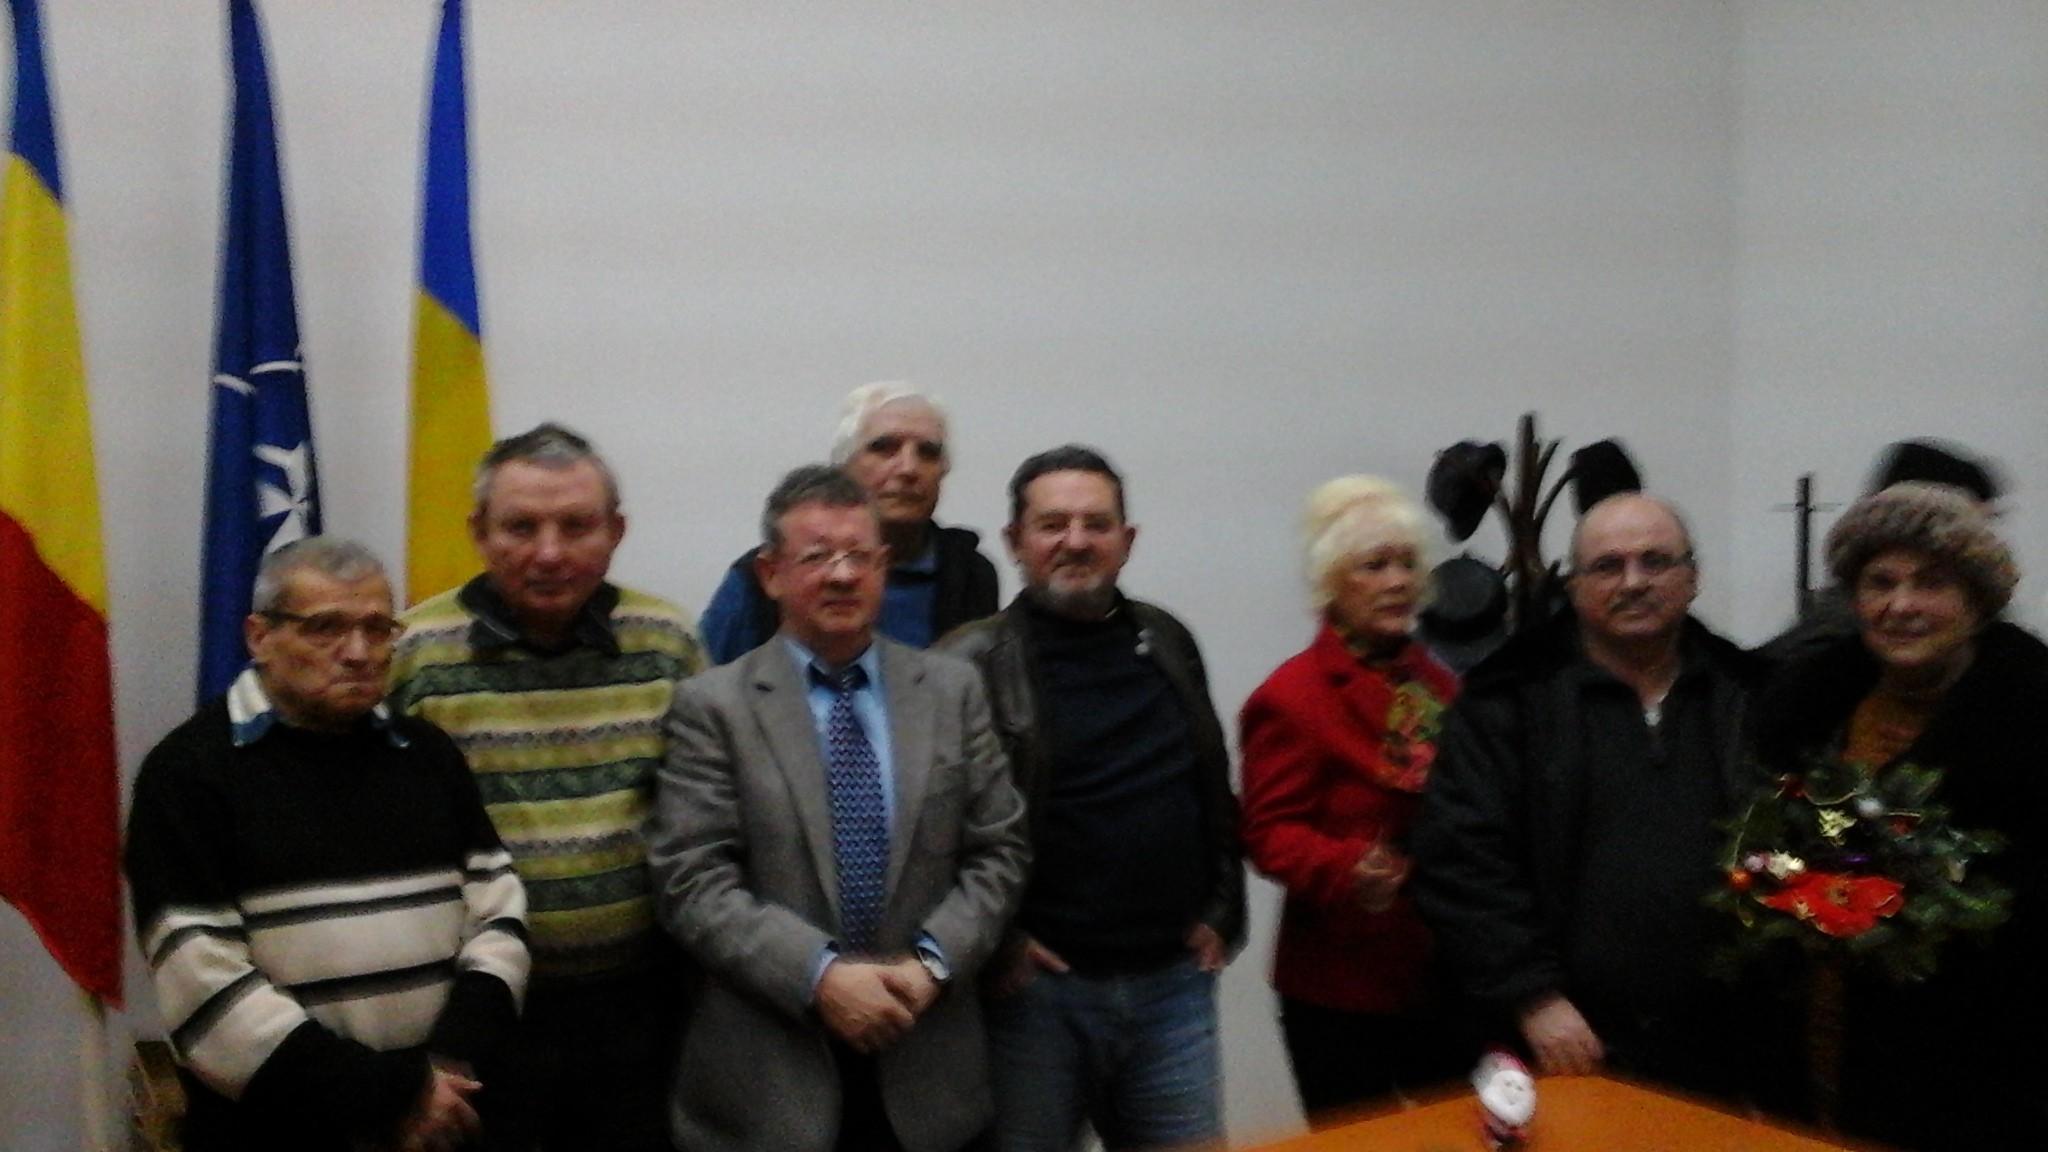 Intalnire comemorativa la Cercul Militar din Sibiu